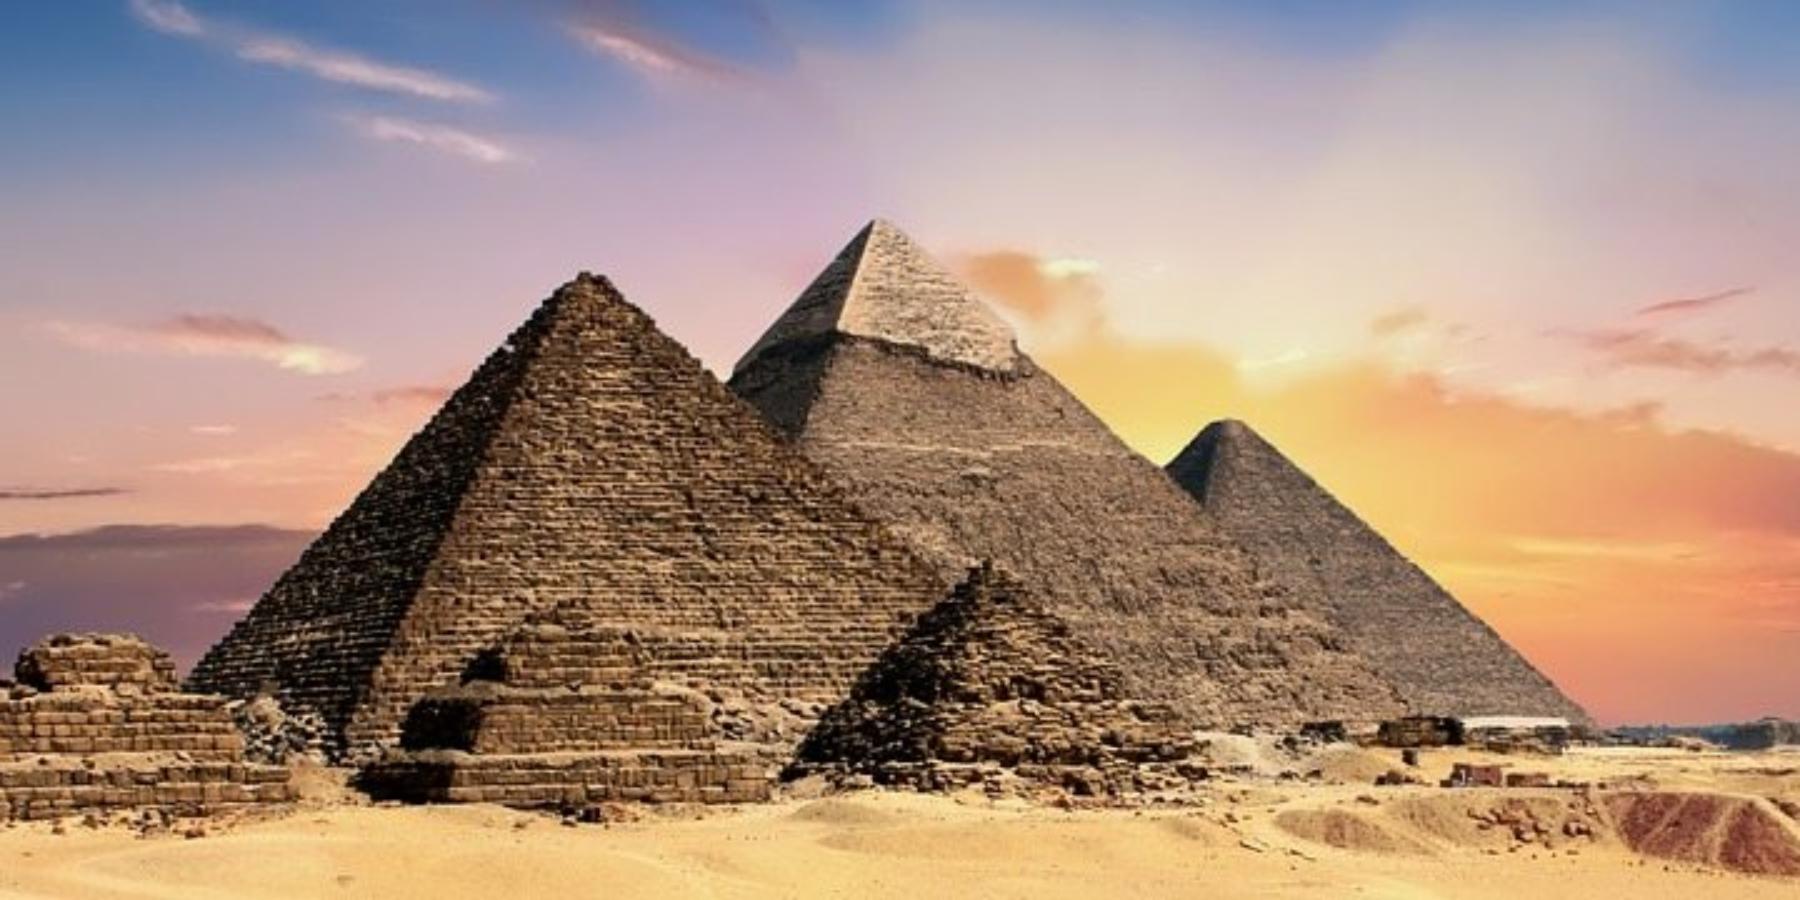 Czyafrykański gigant e-commerce podbije Egipt? Prasówka e-commerce świat 2